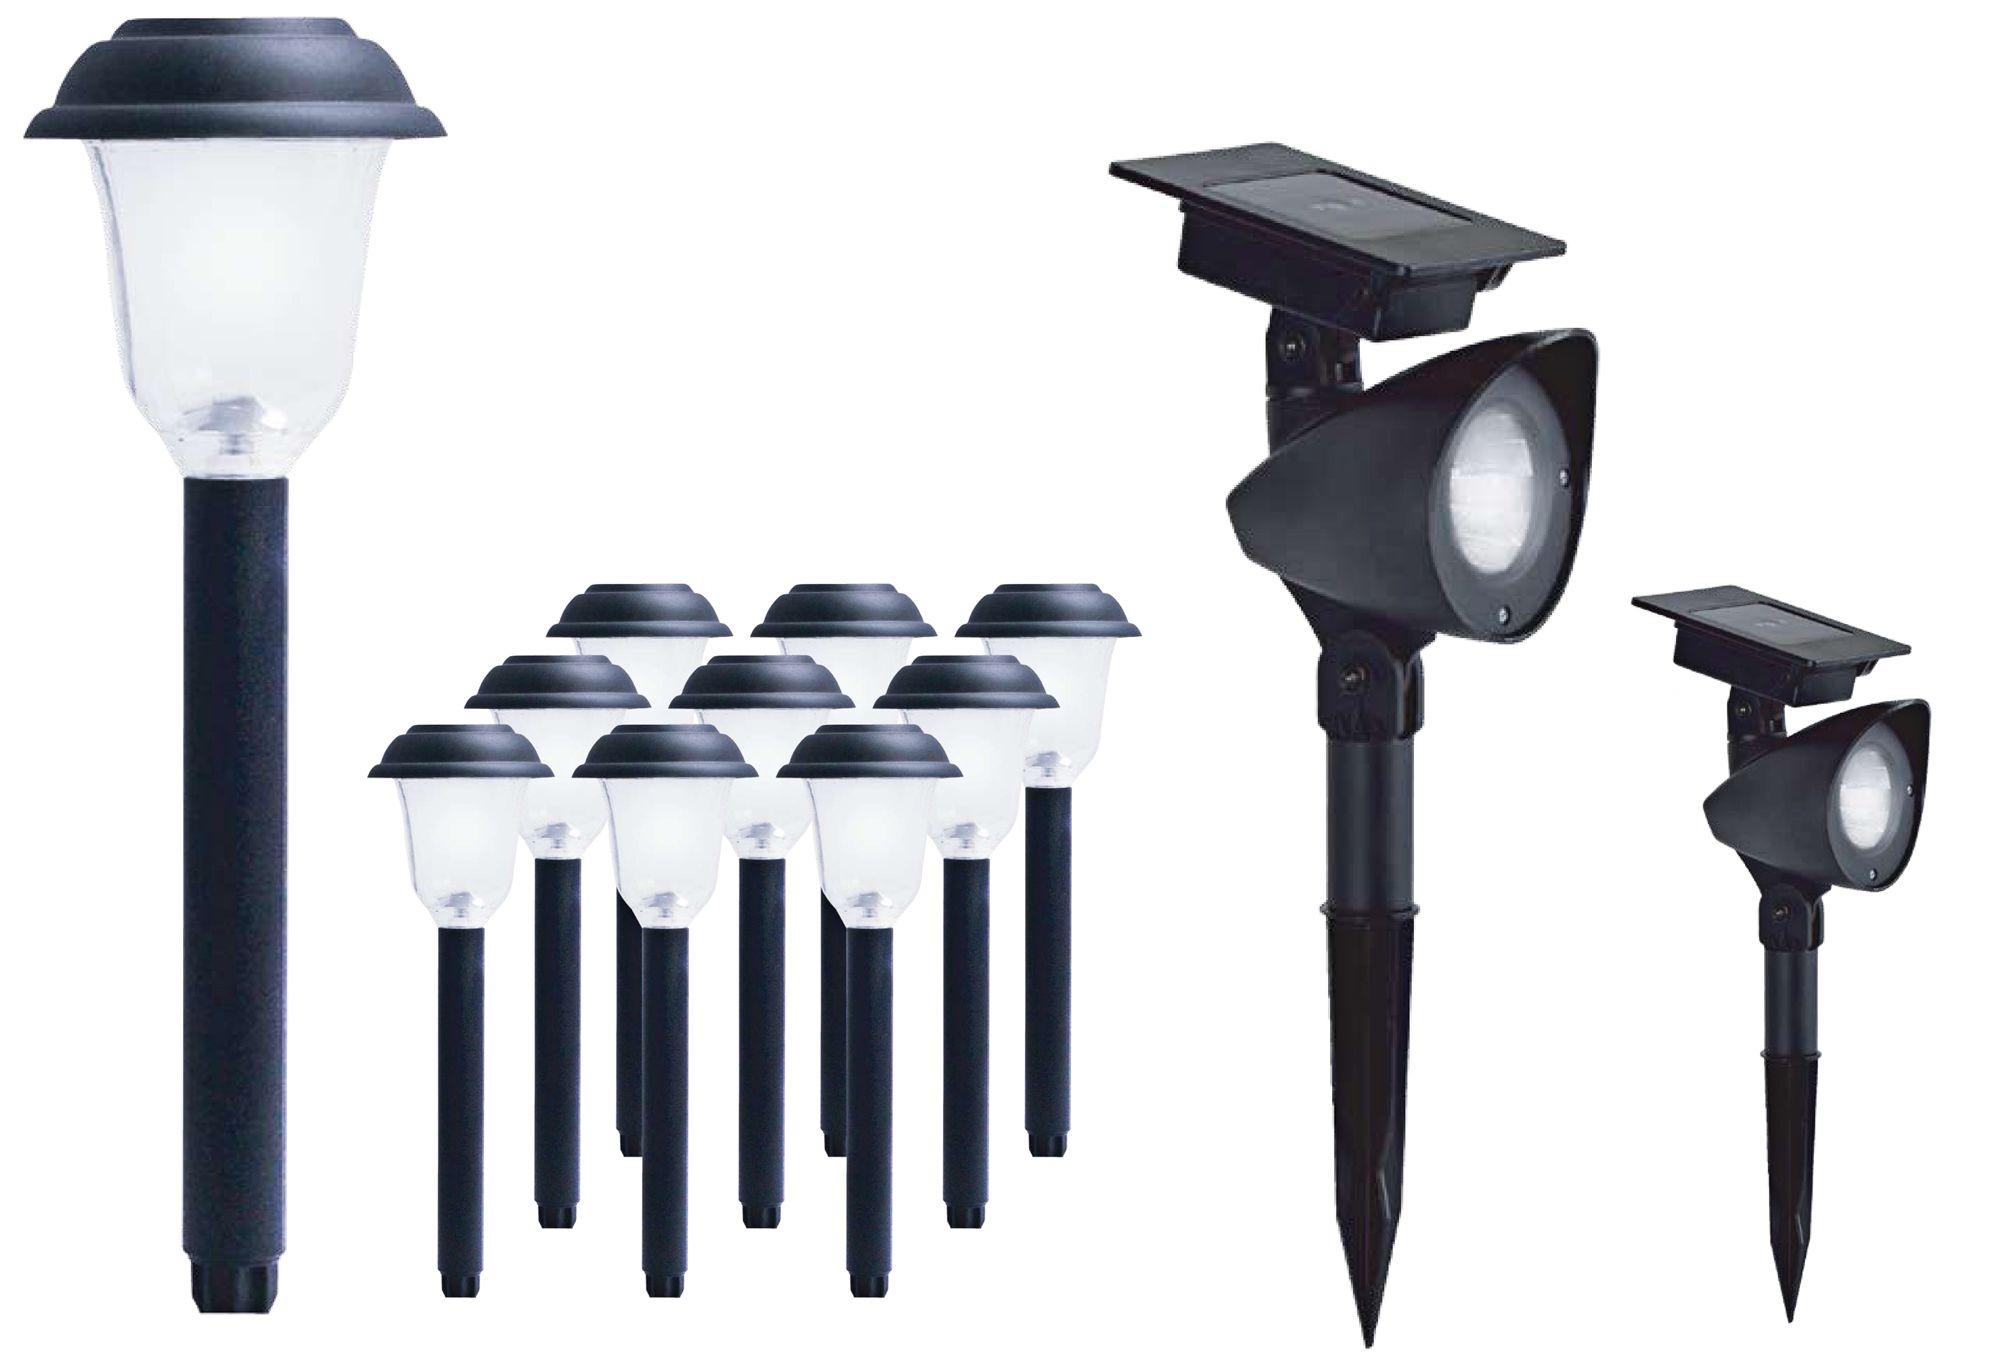 ordaway black 10 path2 spot led solar light combo pack - Landscape Lighting Kits